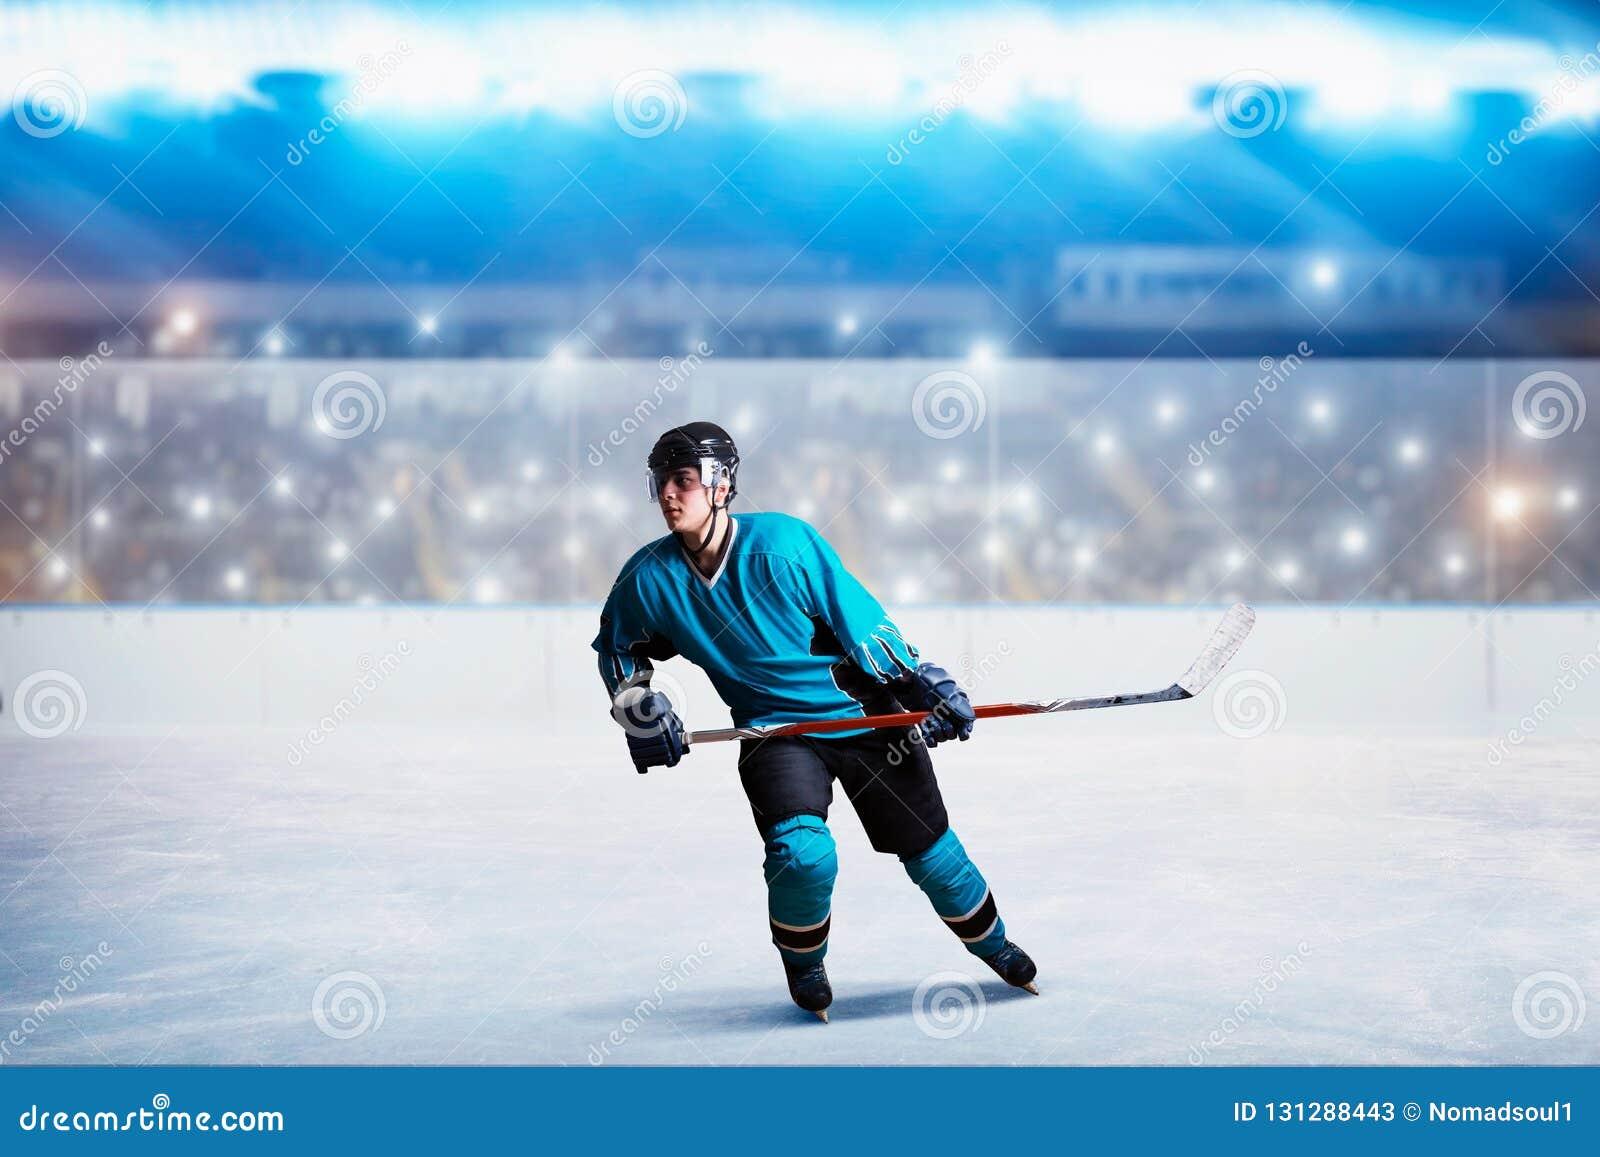 Ein Hockeyspieler auf Eis in der Aktion, Arena